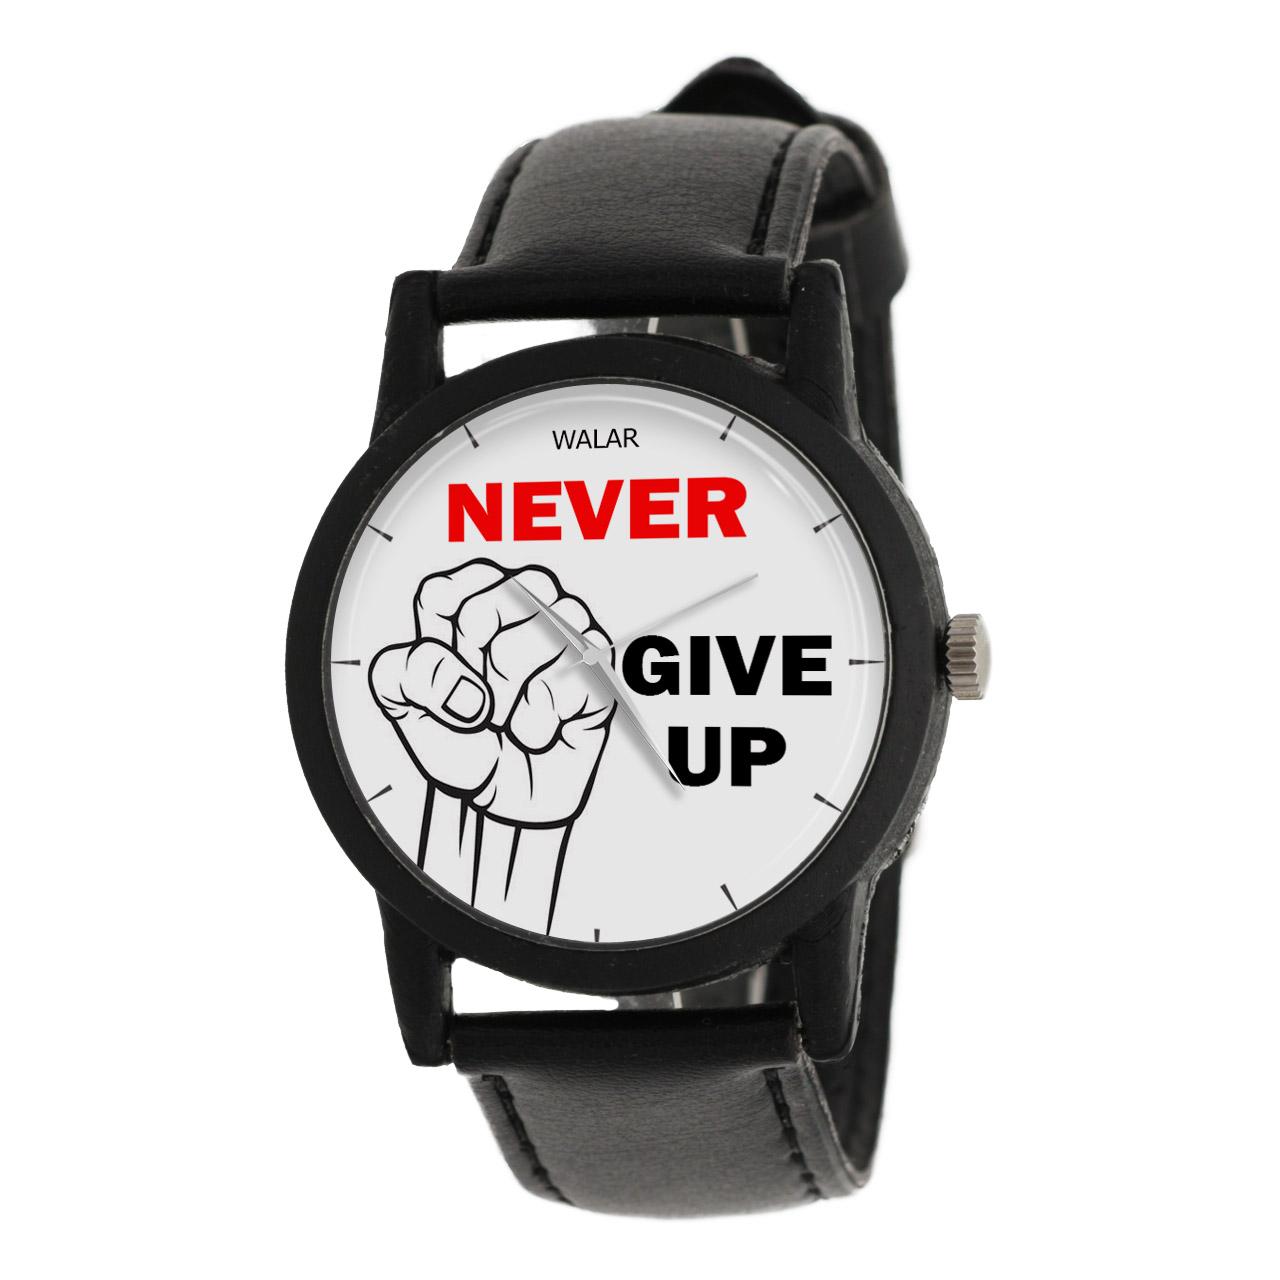 ساعت مچی عقربه ای والار طرح Never Give Up مدل LF1255 53